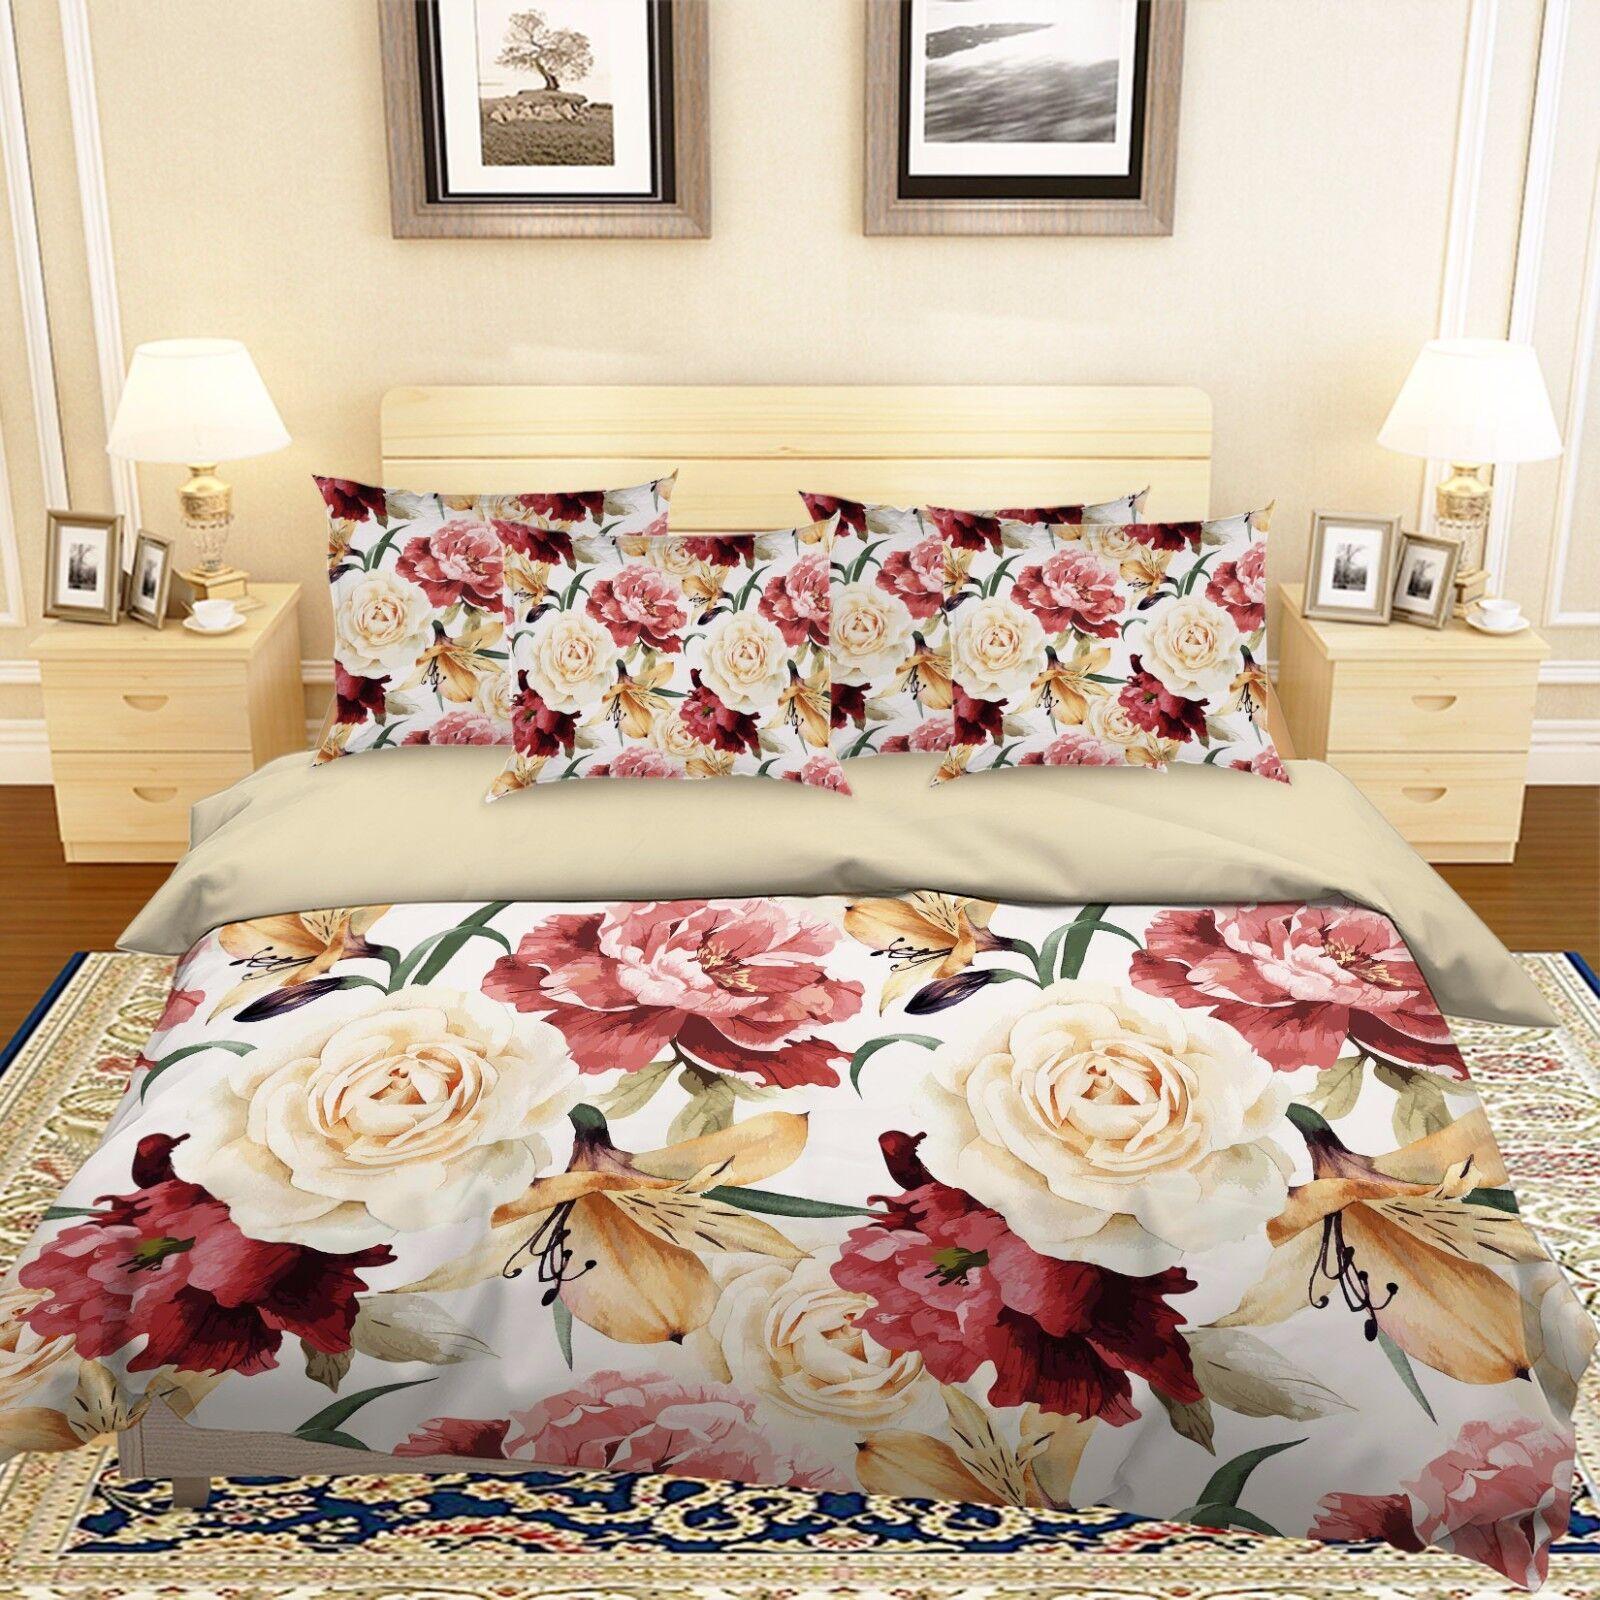 3D Flowers 315 Bed Pillowcases Quilt Duvet Cover Set Single Queen King Größe AU